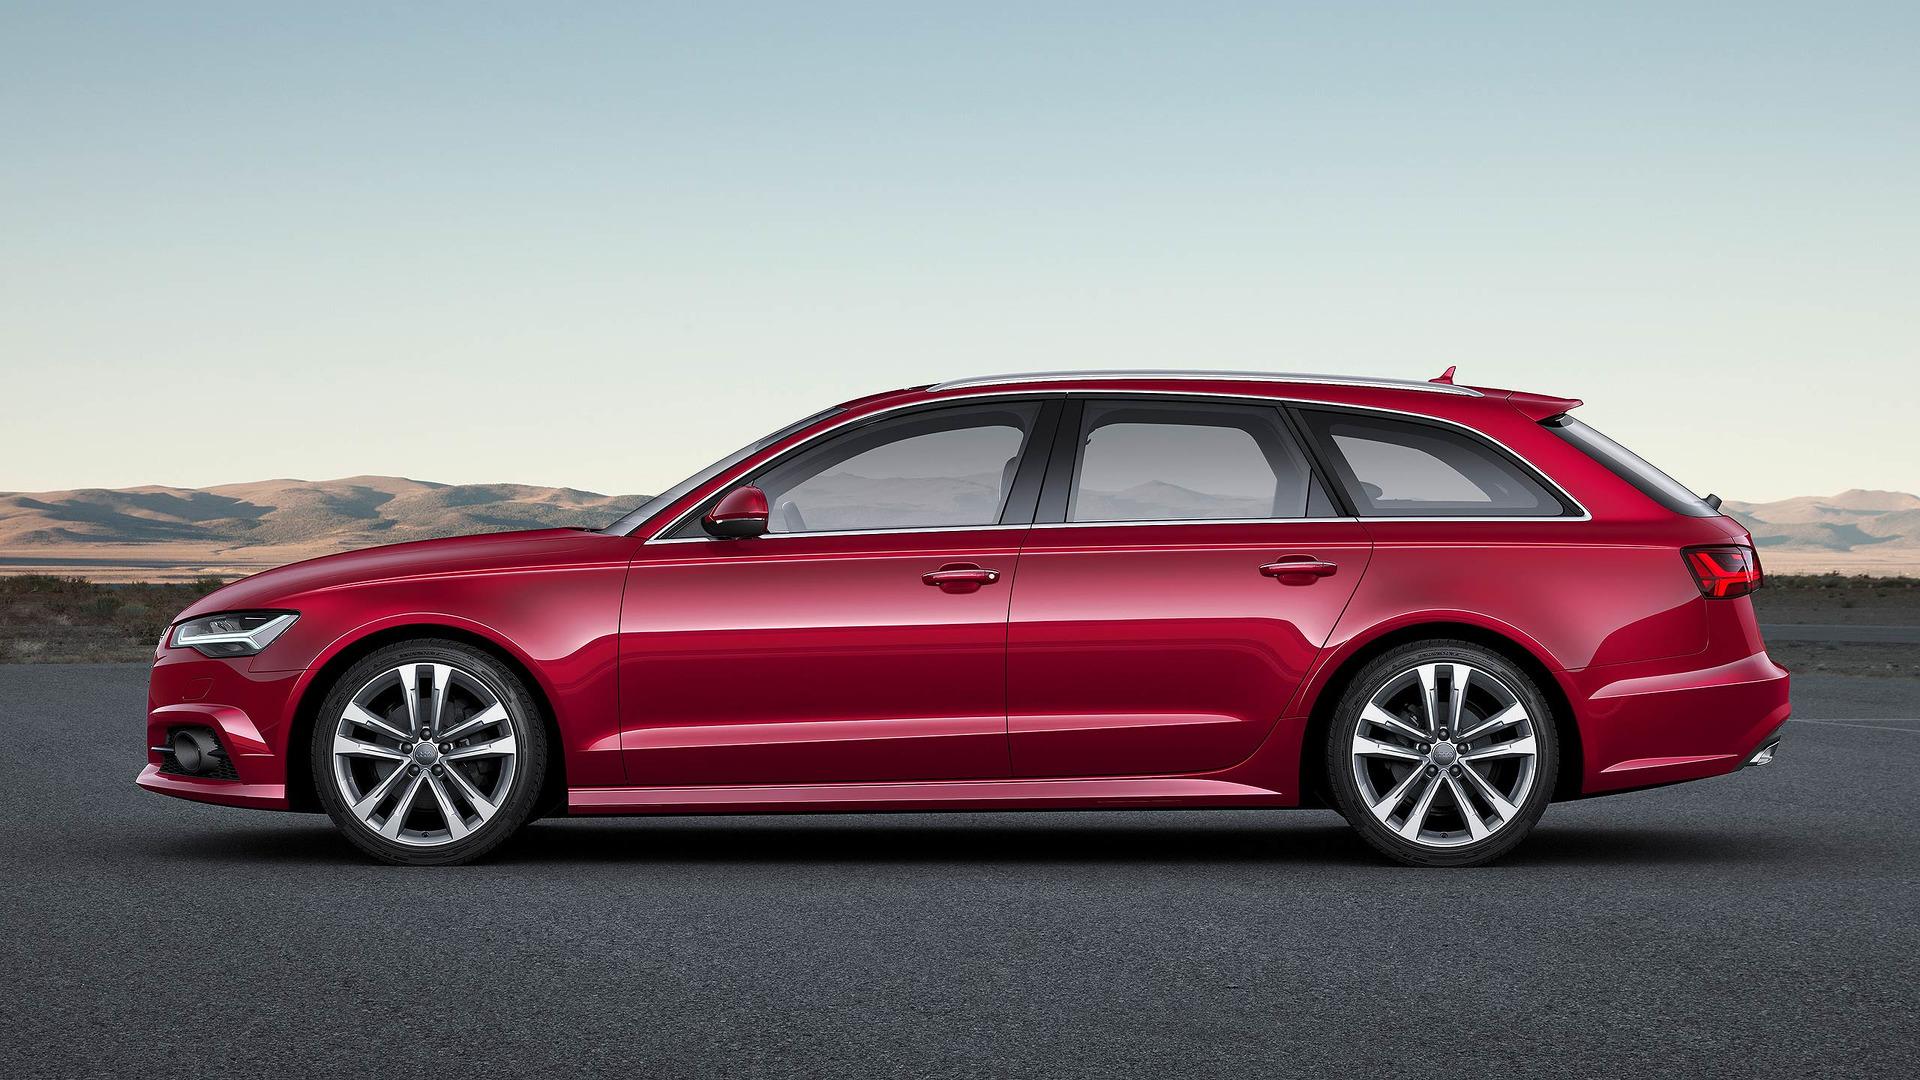 Kelebihan Kekurangan Audi A6 Avant 2017 Spesifikasi